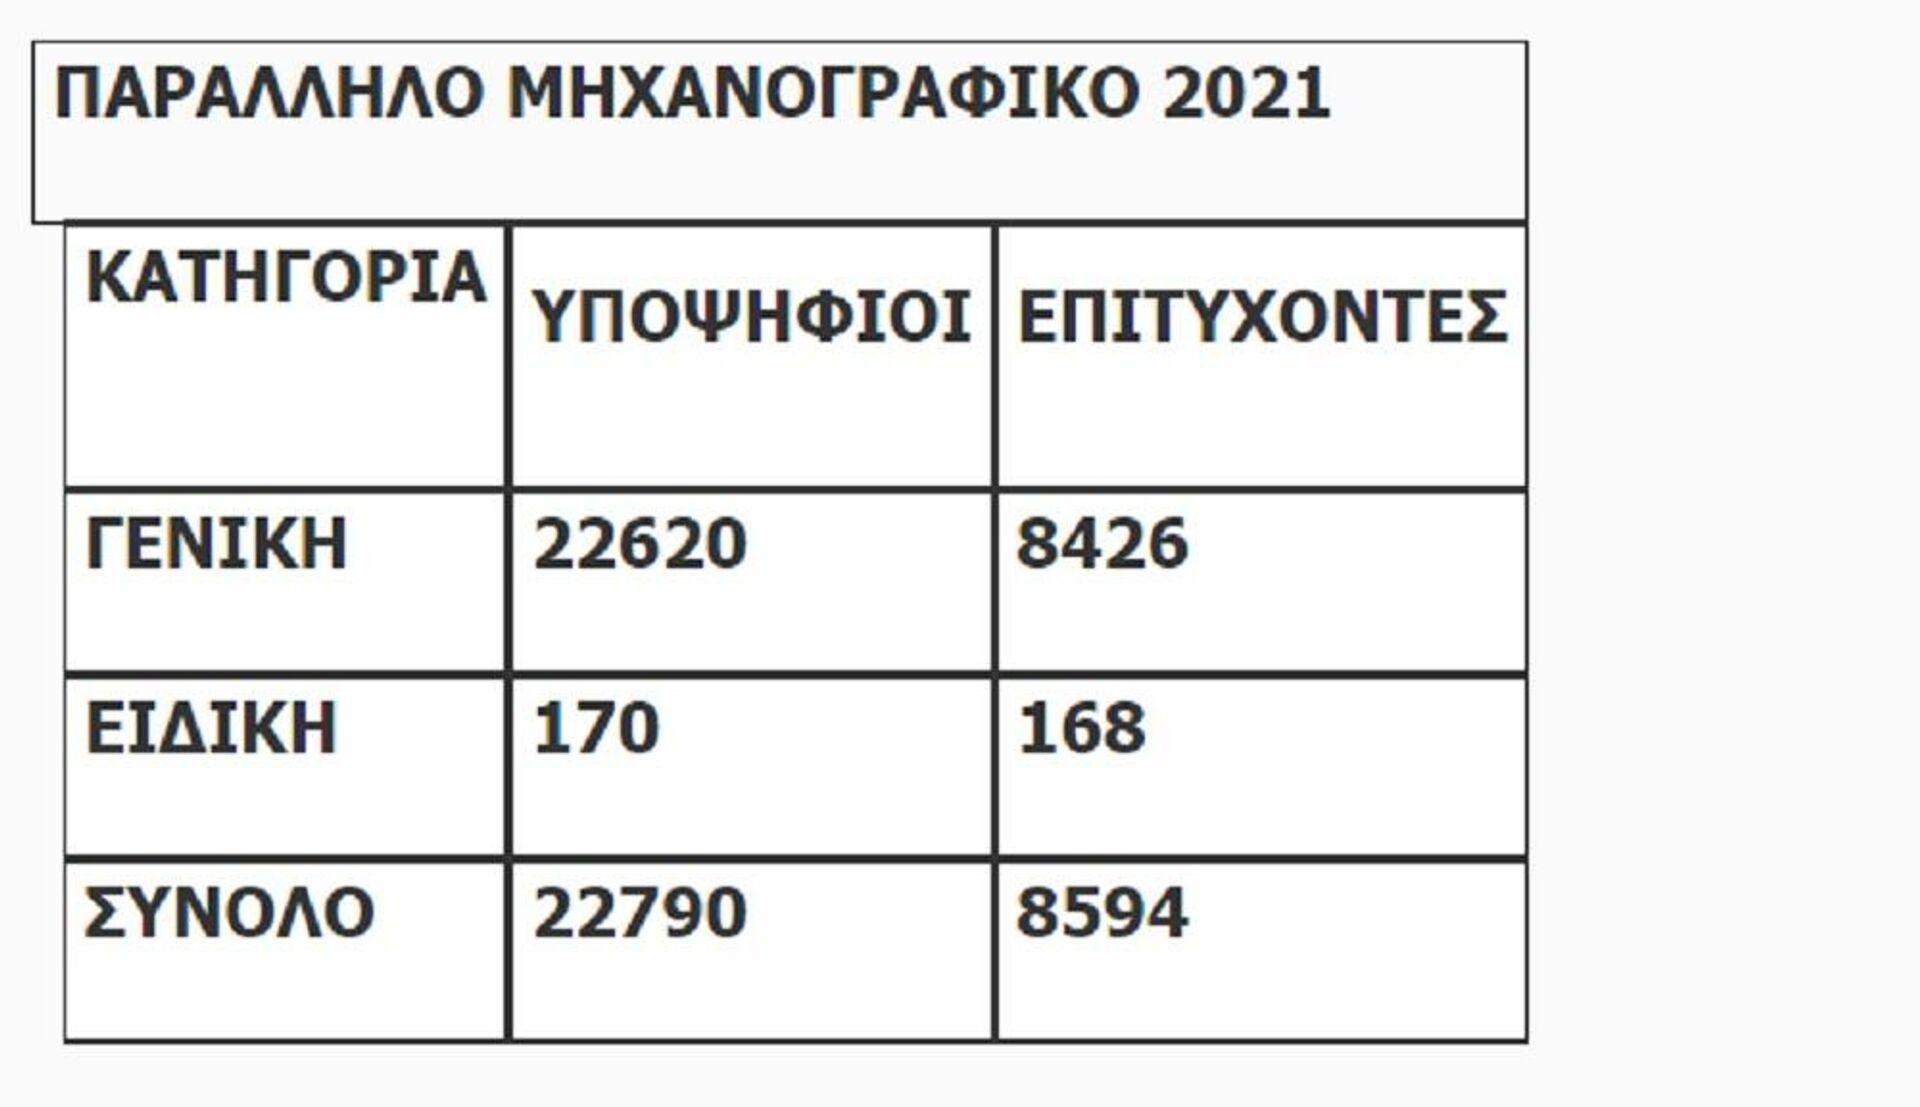 Πανελλαδικές 2021: Παράλληλο Μηχανογραφικό - Sputnik Ελλάδα, 1920, 27.08.2021